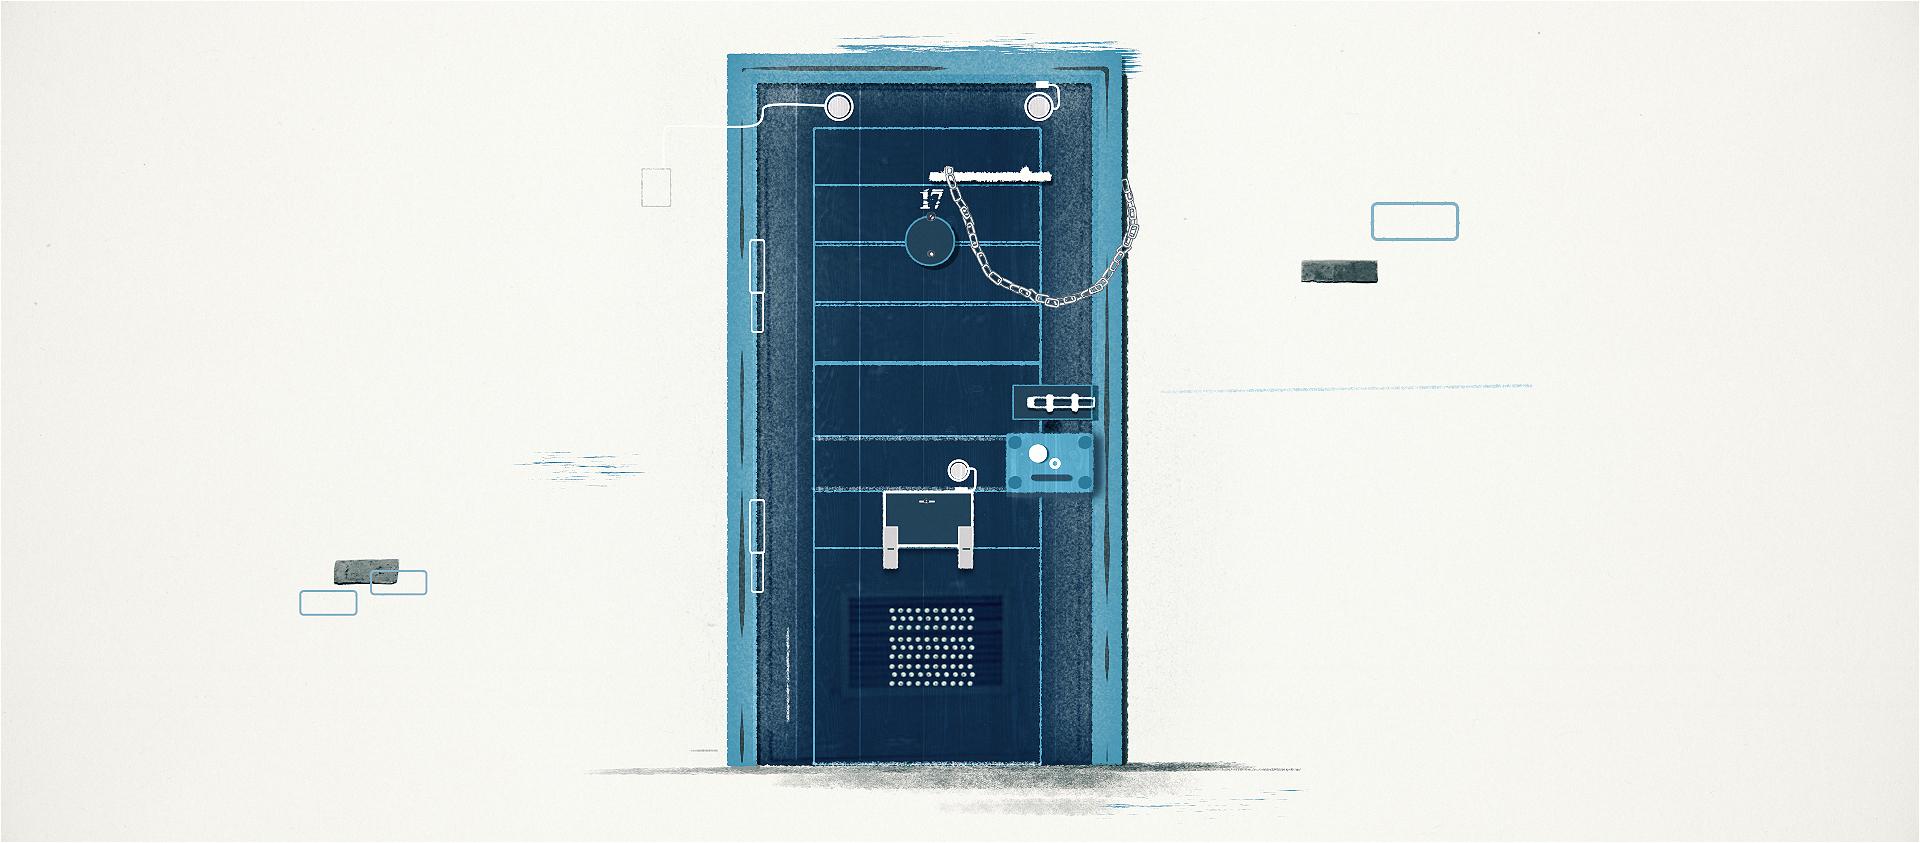 2_PRISON_DOOR-compressor